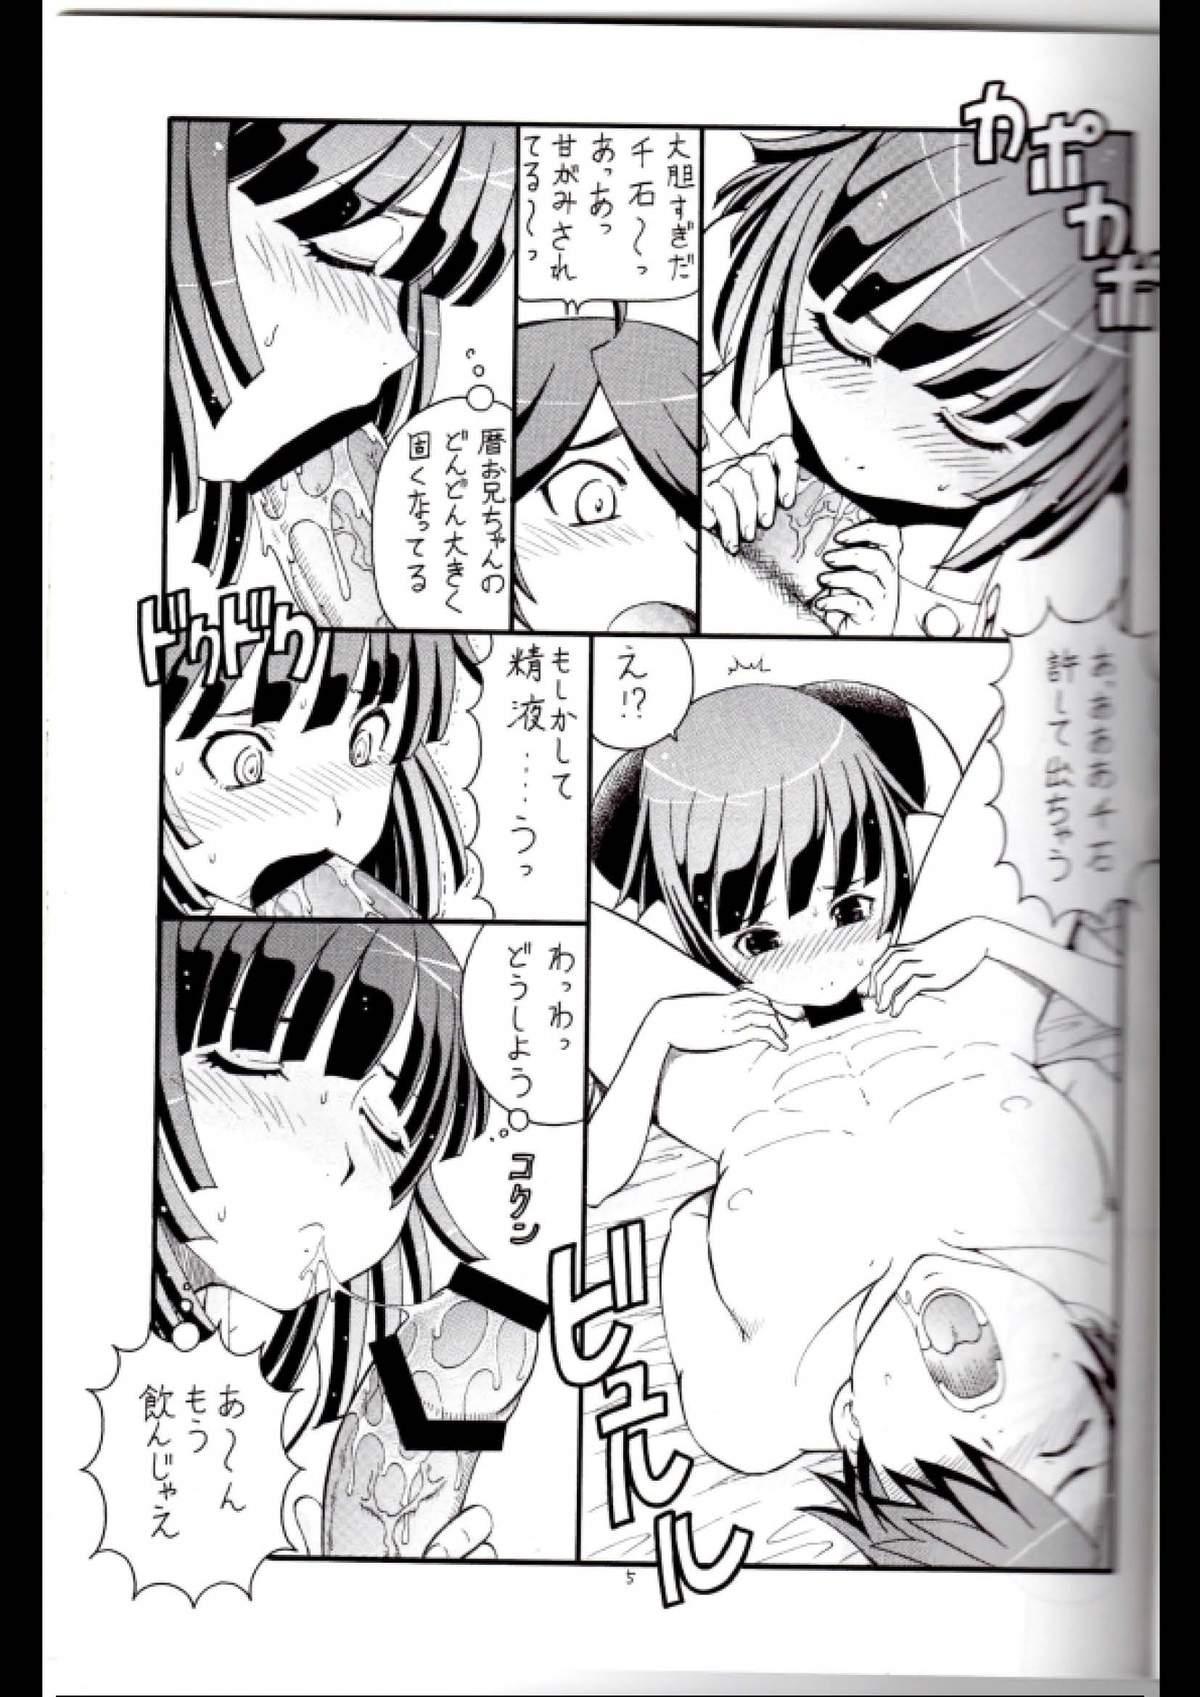 """Hito ni Hakanai to Kaite """"Araragi"""" to Yomu 2&3 5"""